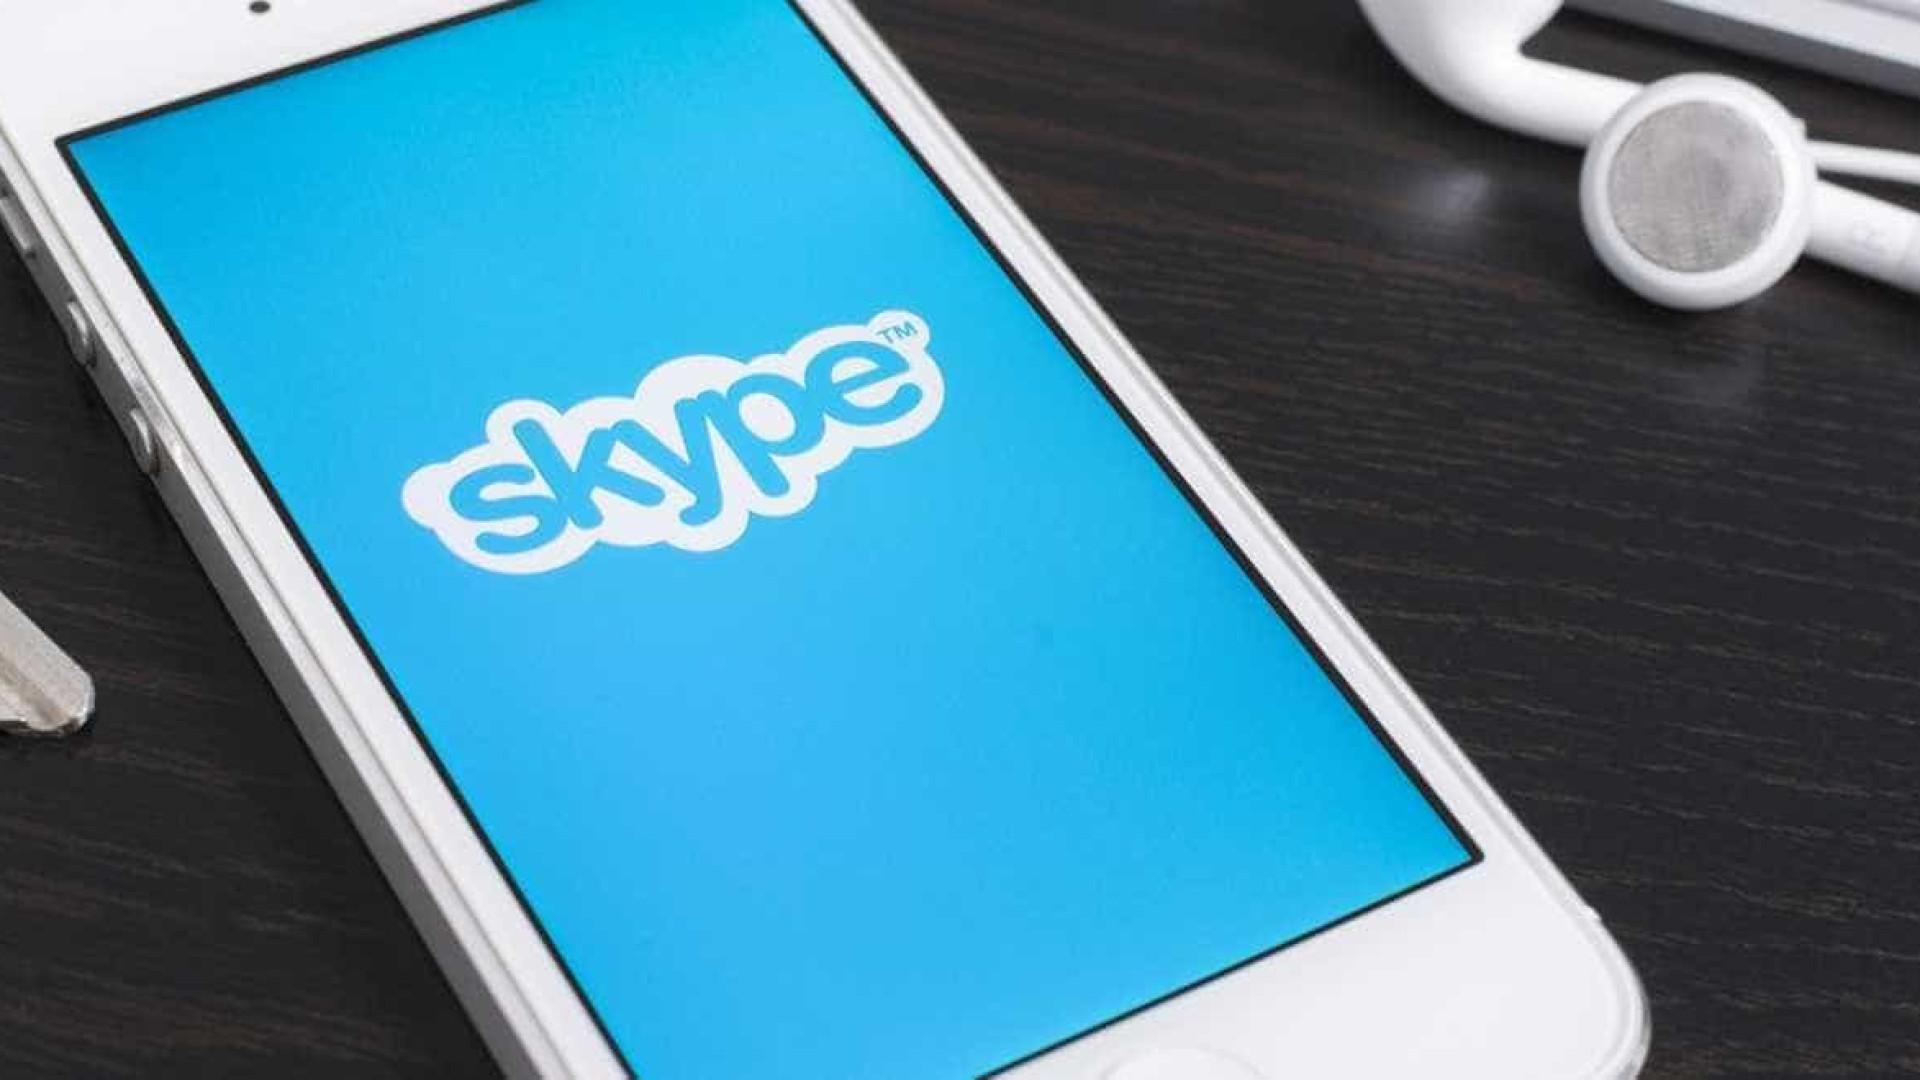 Será mais seguro falar pelo Skype